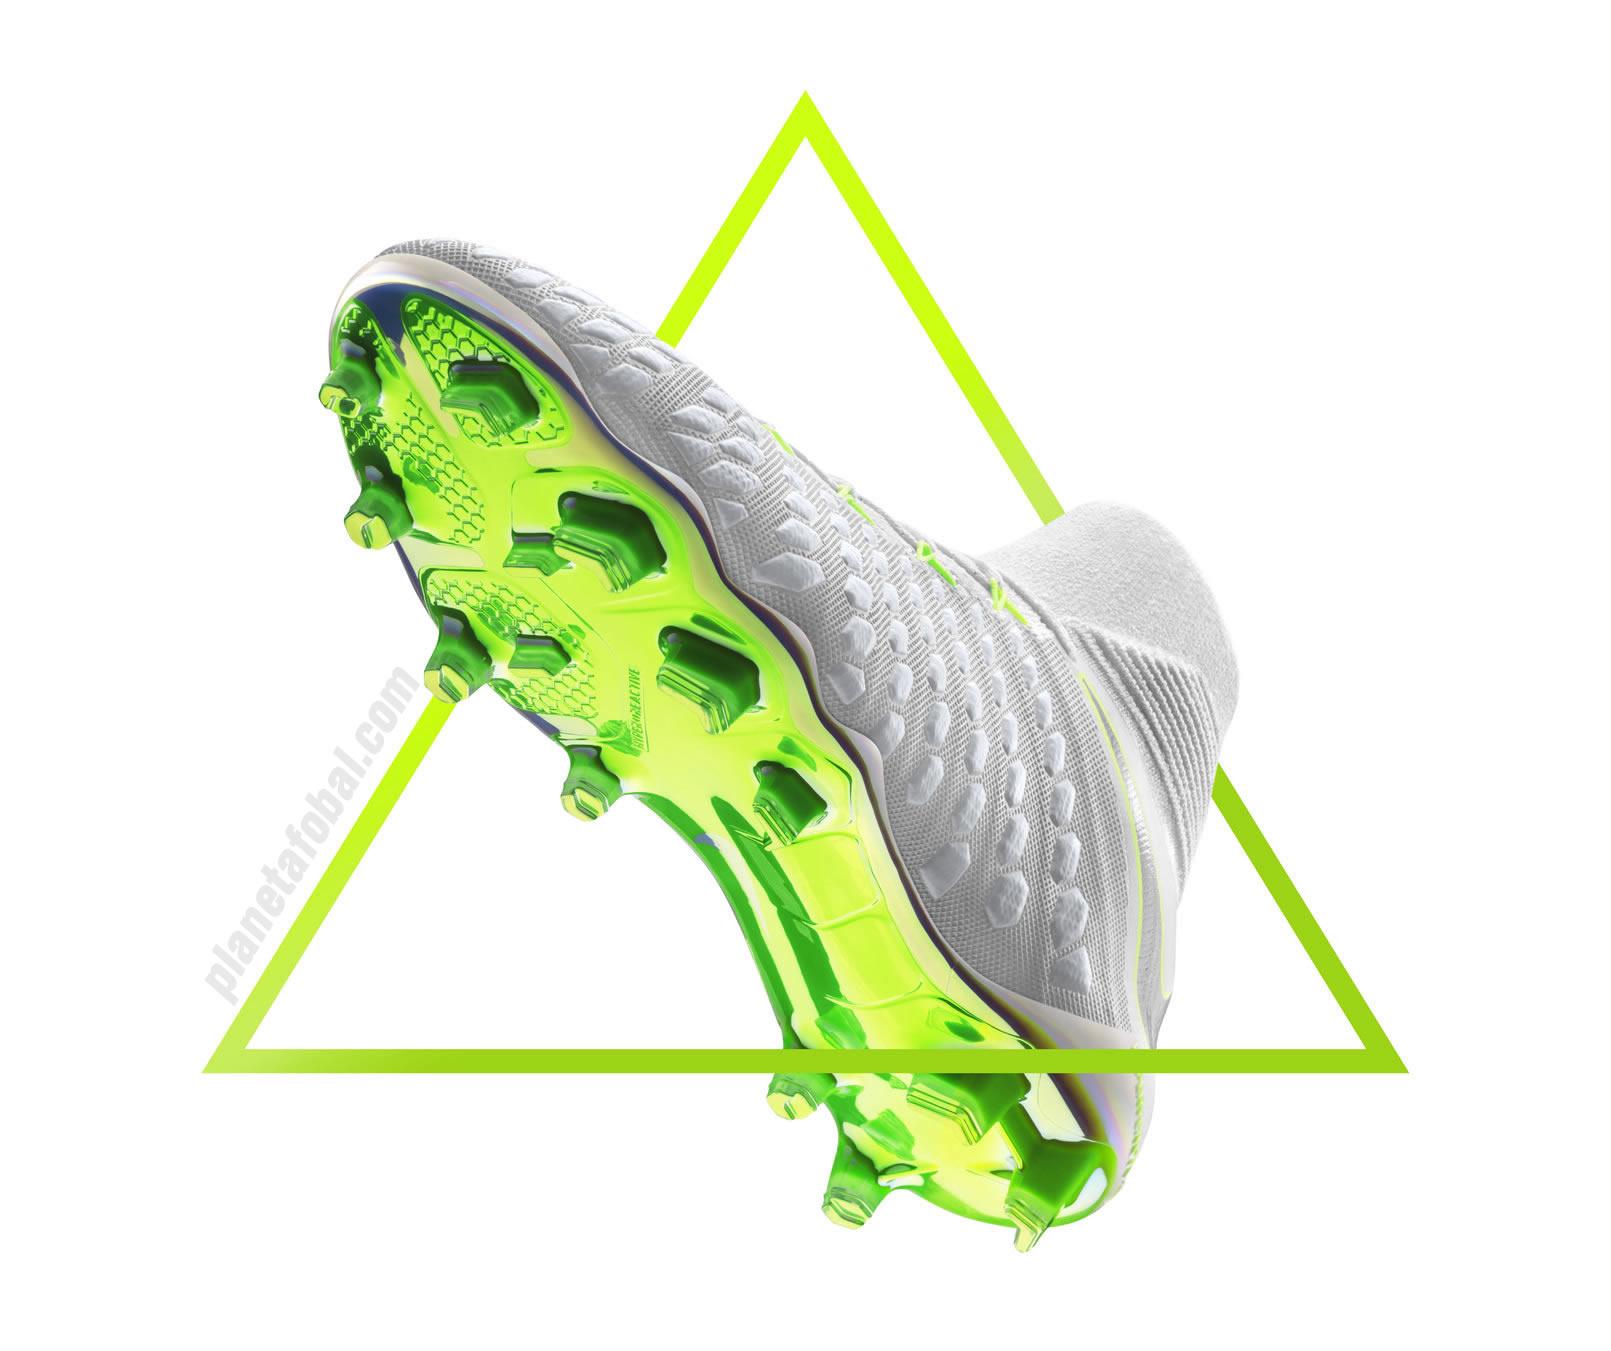 gris Polinizar Médula  Colección de botines Nike para el Mundial de Rusia 2018